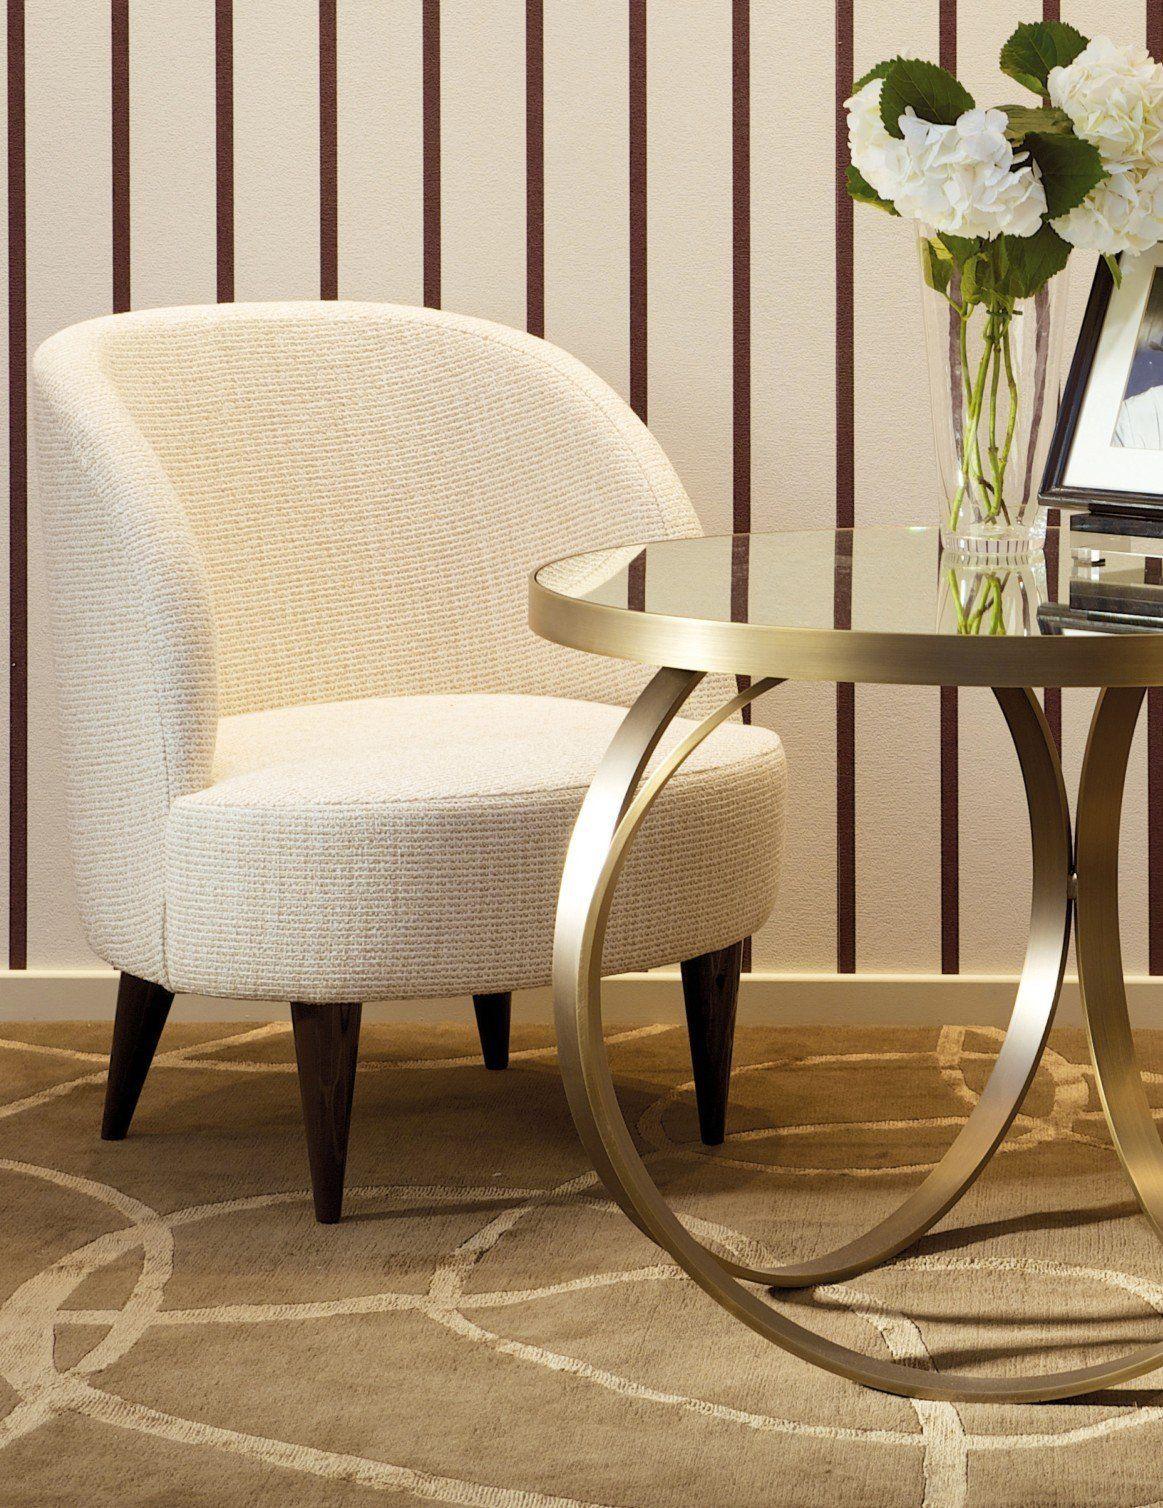 Italian Modern Bedroom Furniture top 10 Italian Furniture